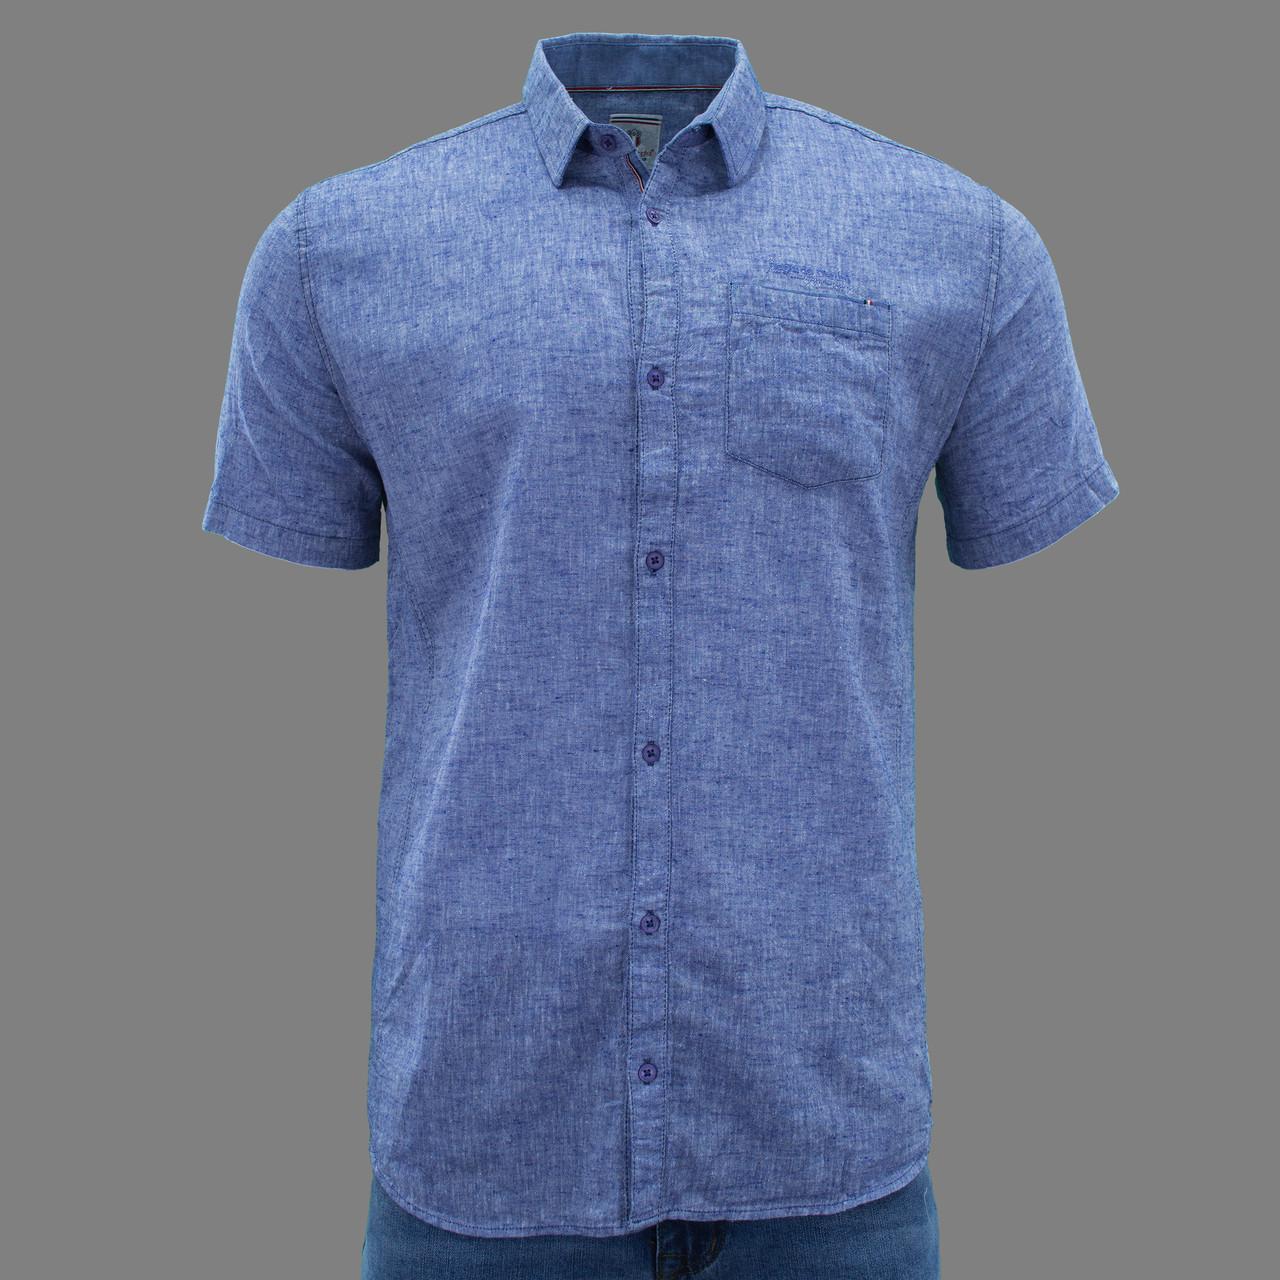 Сорочка чоловіча (приталена) з коротким рукавом Bagarda BG5723 SAX 80% льон 20% бавовна L(Р)